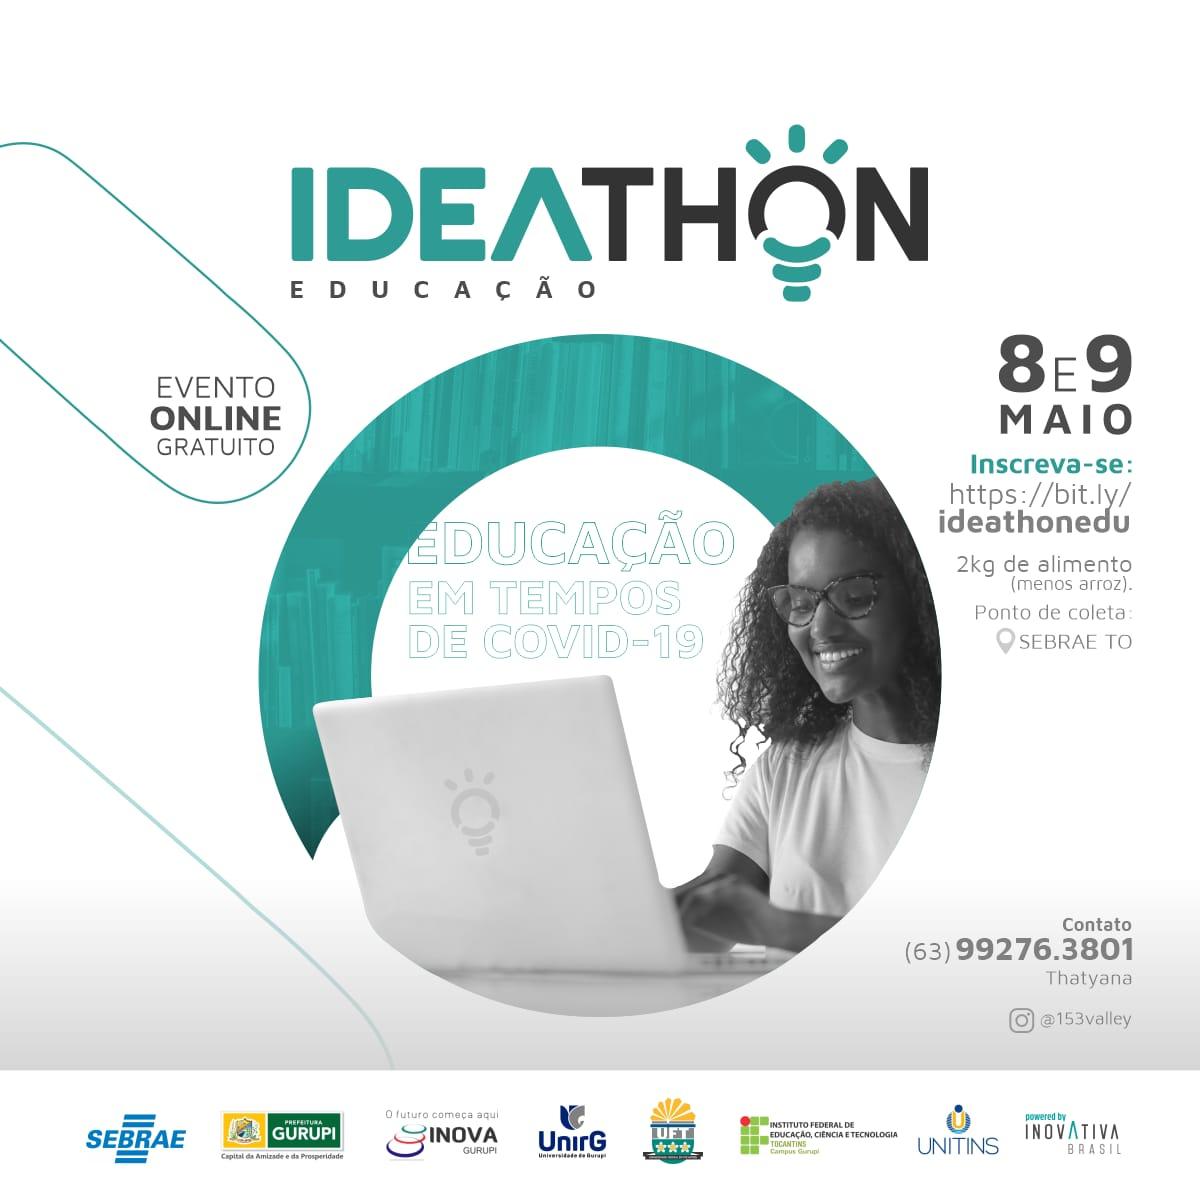 Vencedores do Ideathon Gurupi serão conhecidos nesta sexta-feira, 07